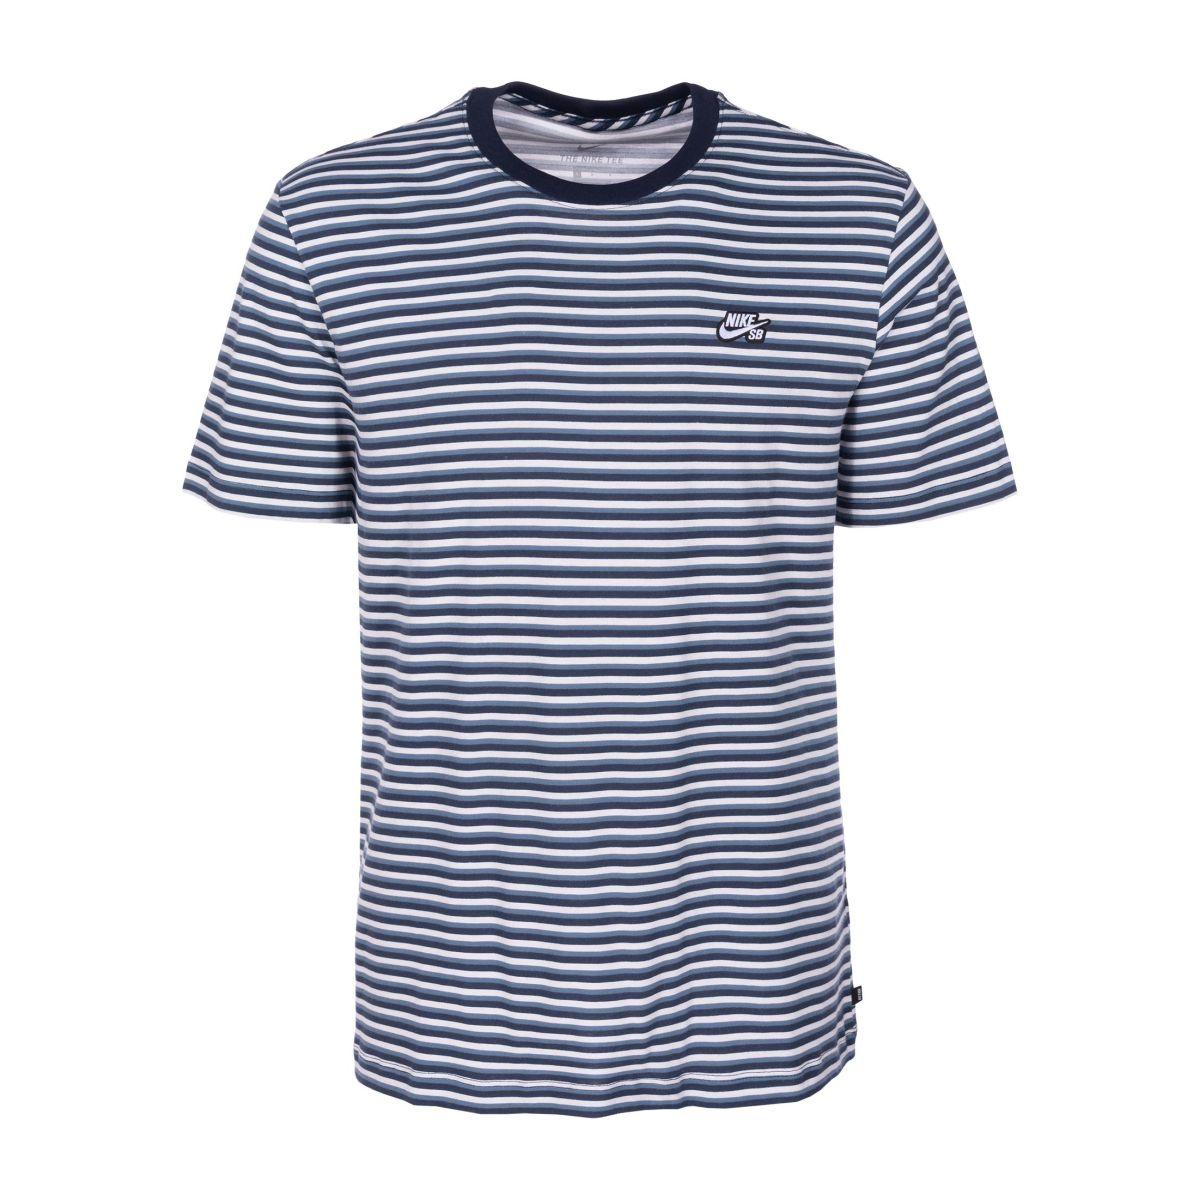 za pół moda designerska sklep z wyprzedażami Koszulka Nike SB Stripe White / Obsidian / White